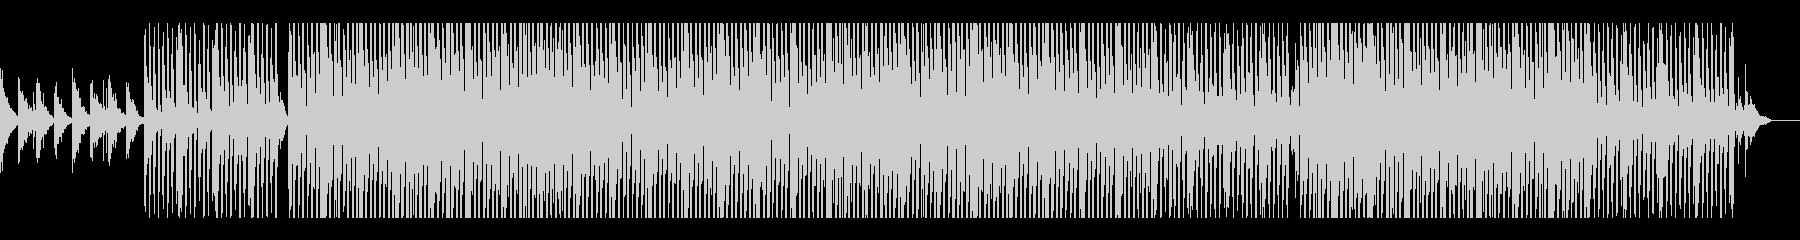 リラックス・さわやかなアコギのテクノの未再生の波形